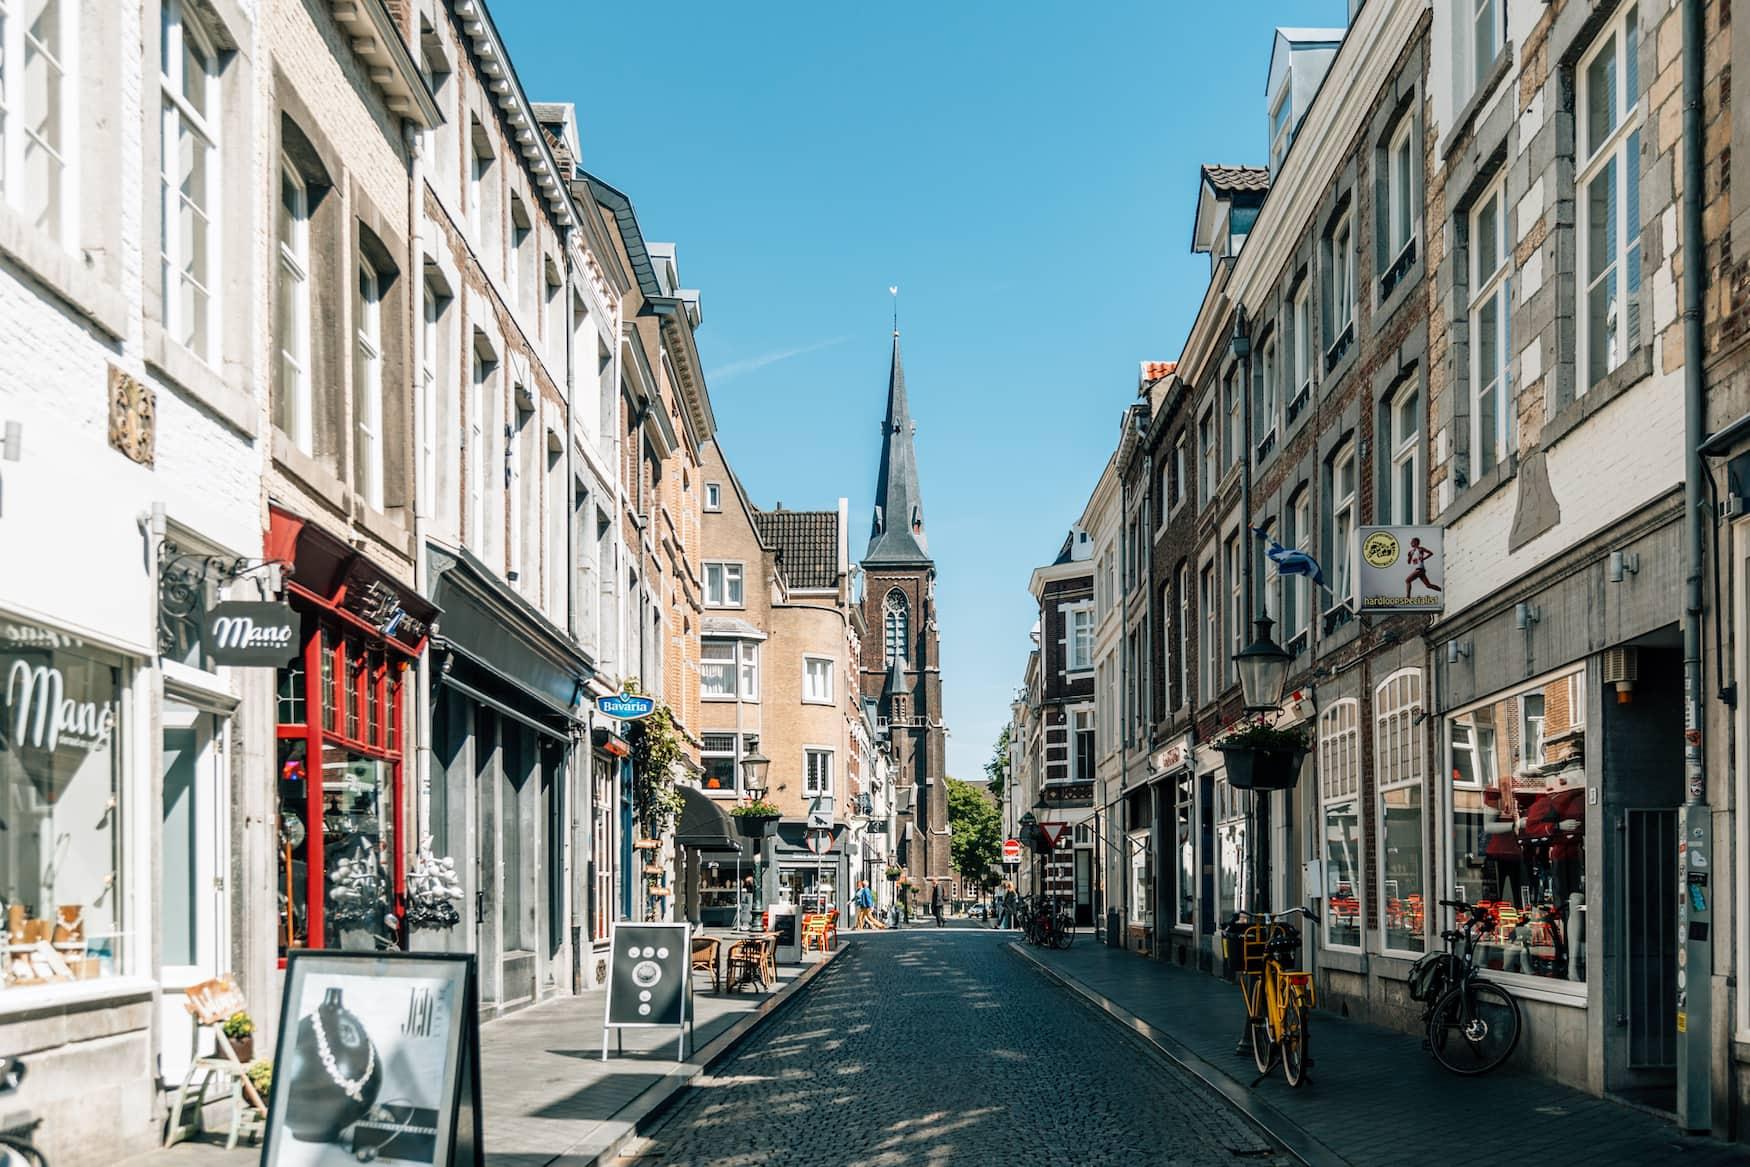 Rechtskraft im Viertel Weck in Maastricht mit schönen Geschäften und Restaurants